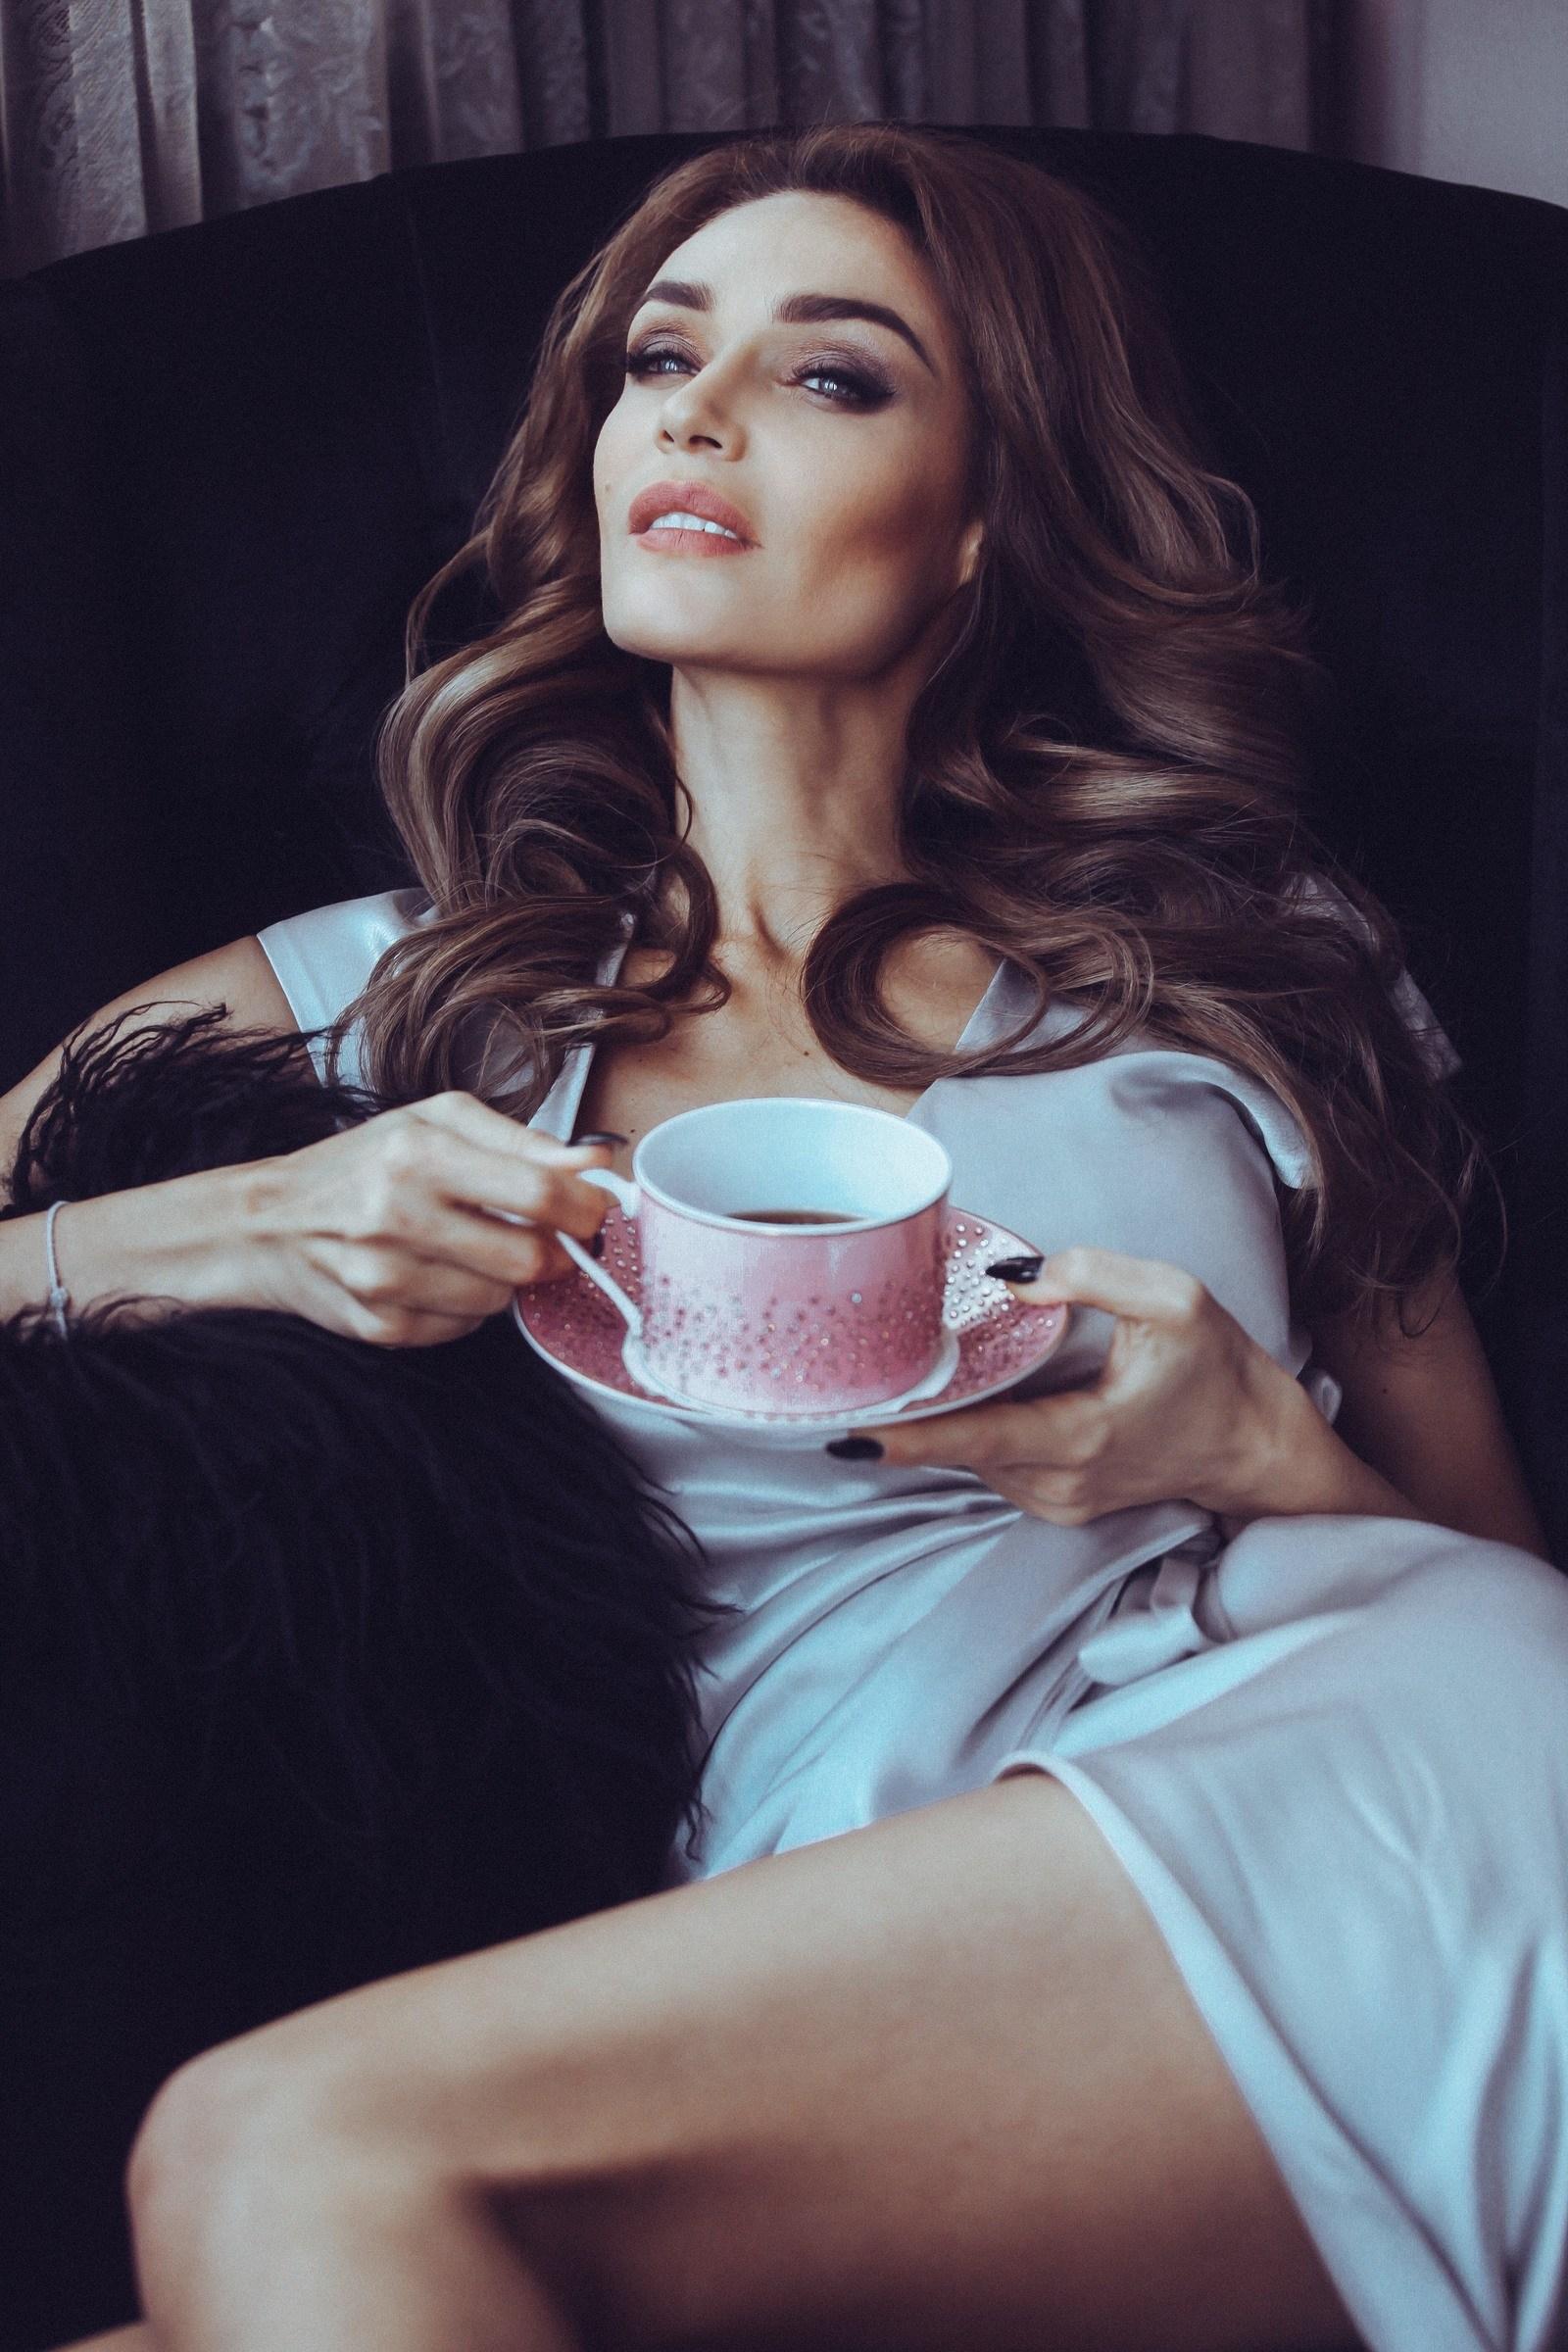 Алена Водонаева:Мне 36, и я только сейчас стала задумываться об инъекционной косметологии / из личного архива Алены Водонаевой